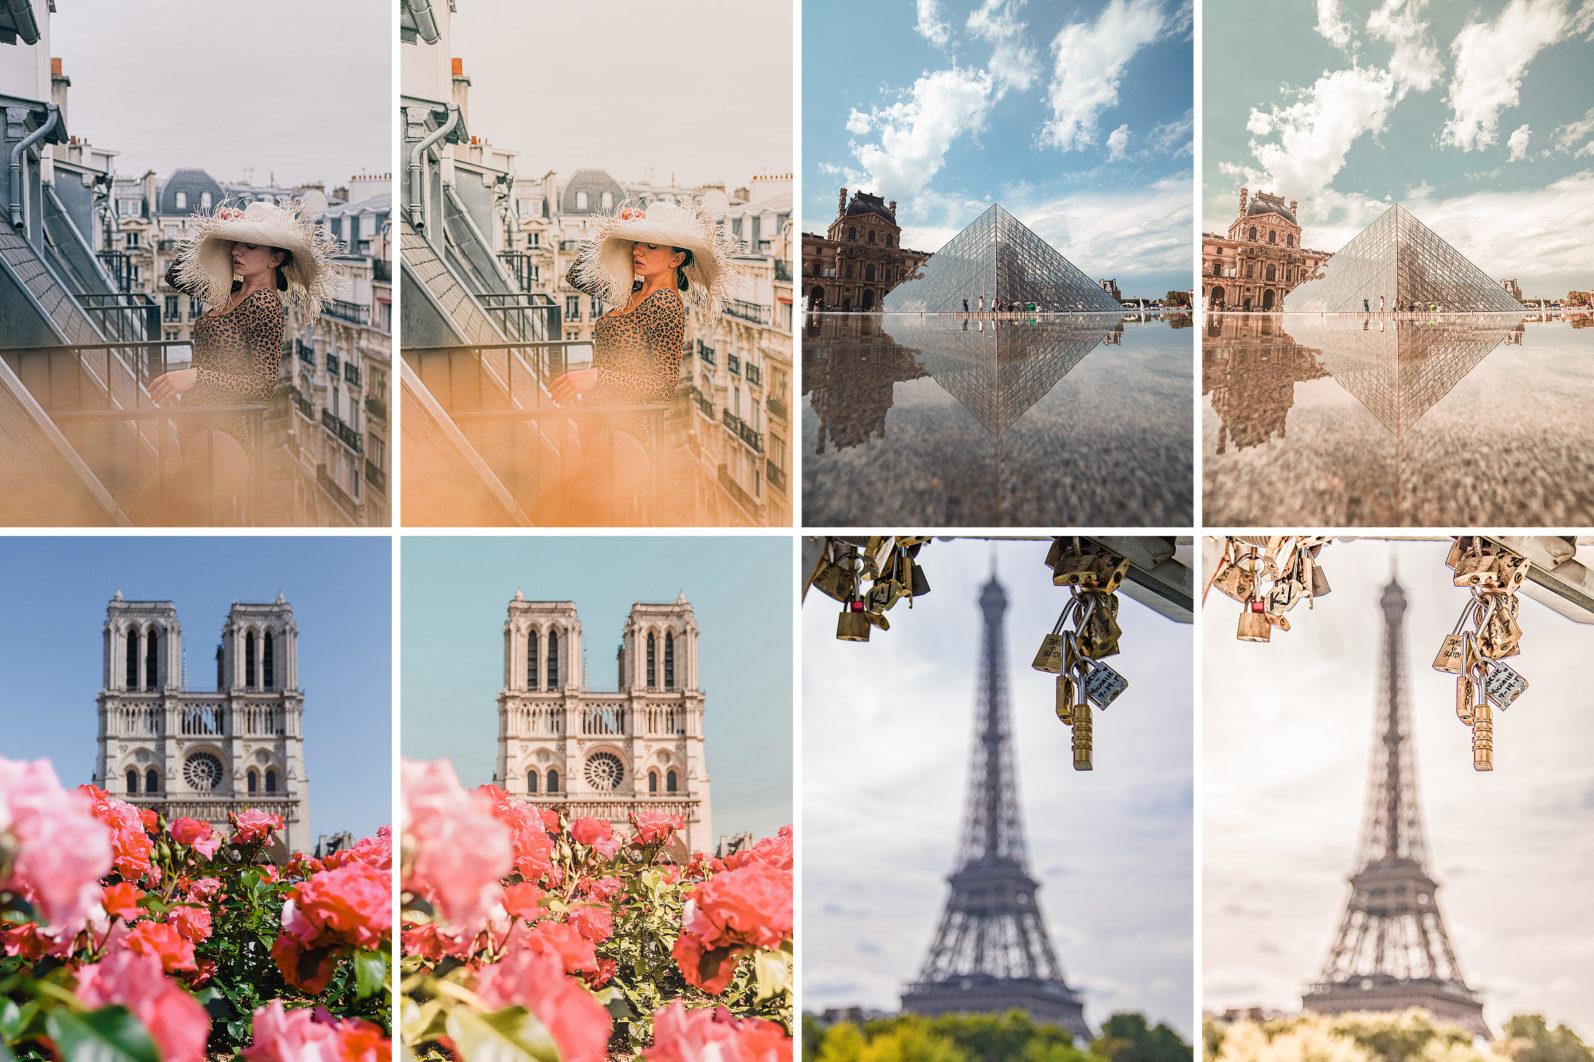 37. Life Paris - 37.LIFEPARIS 5 -